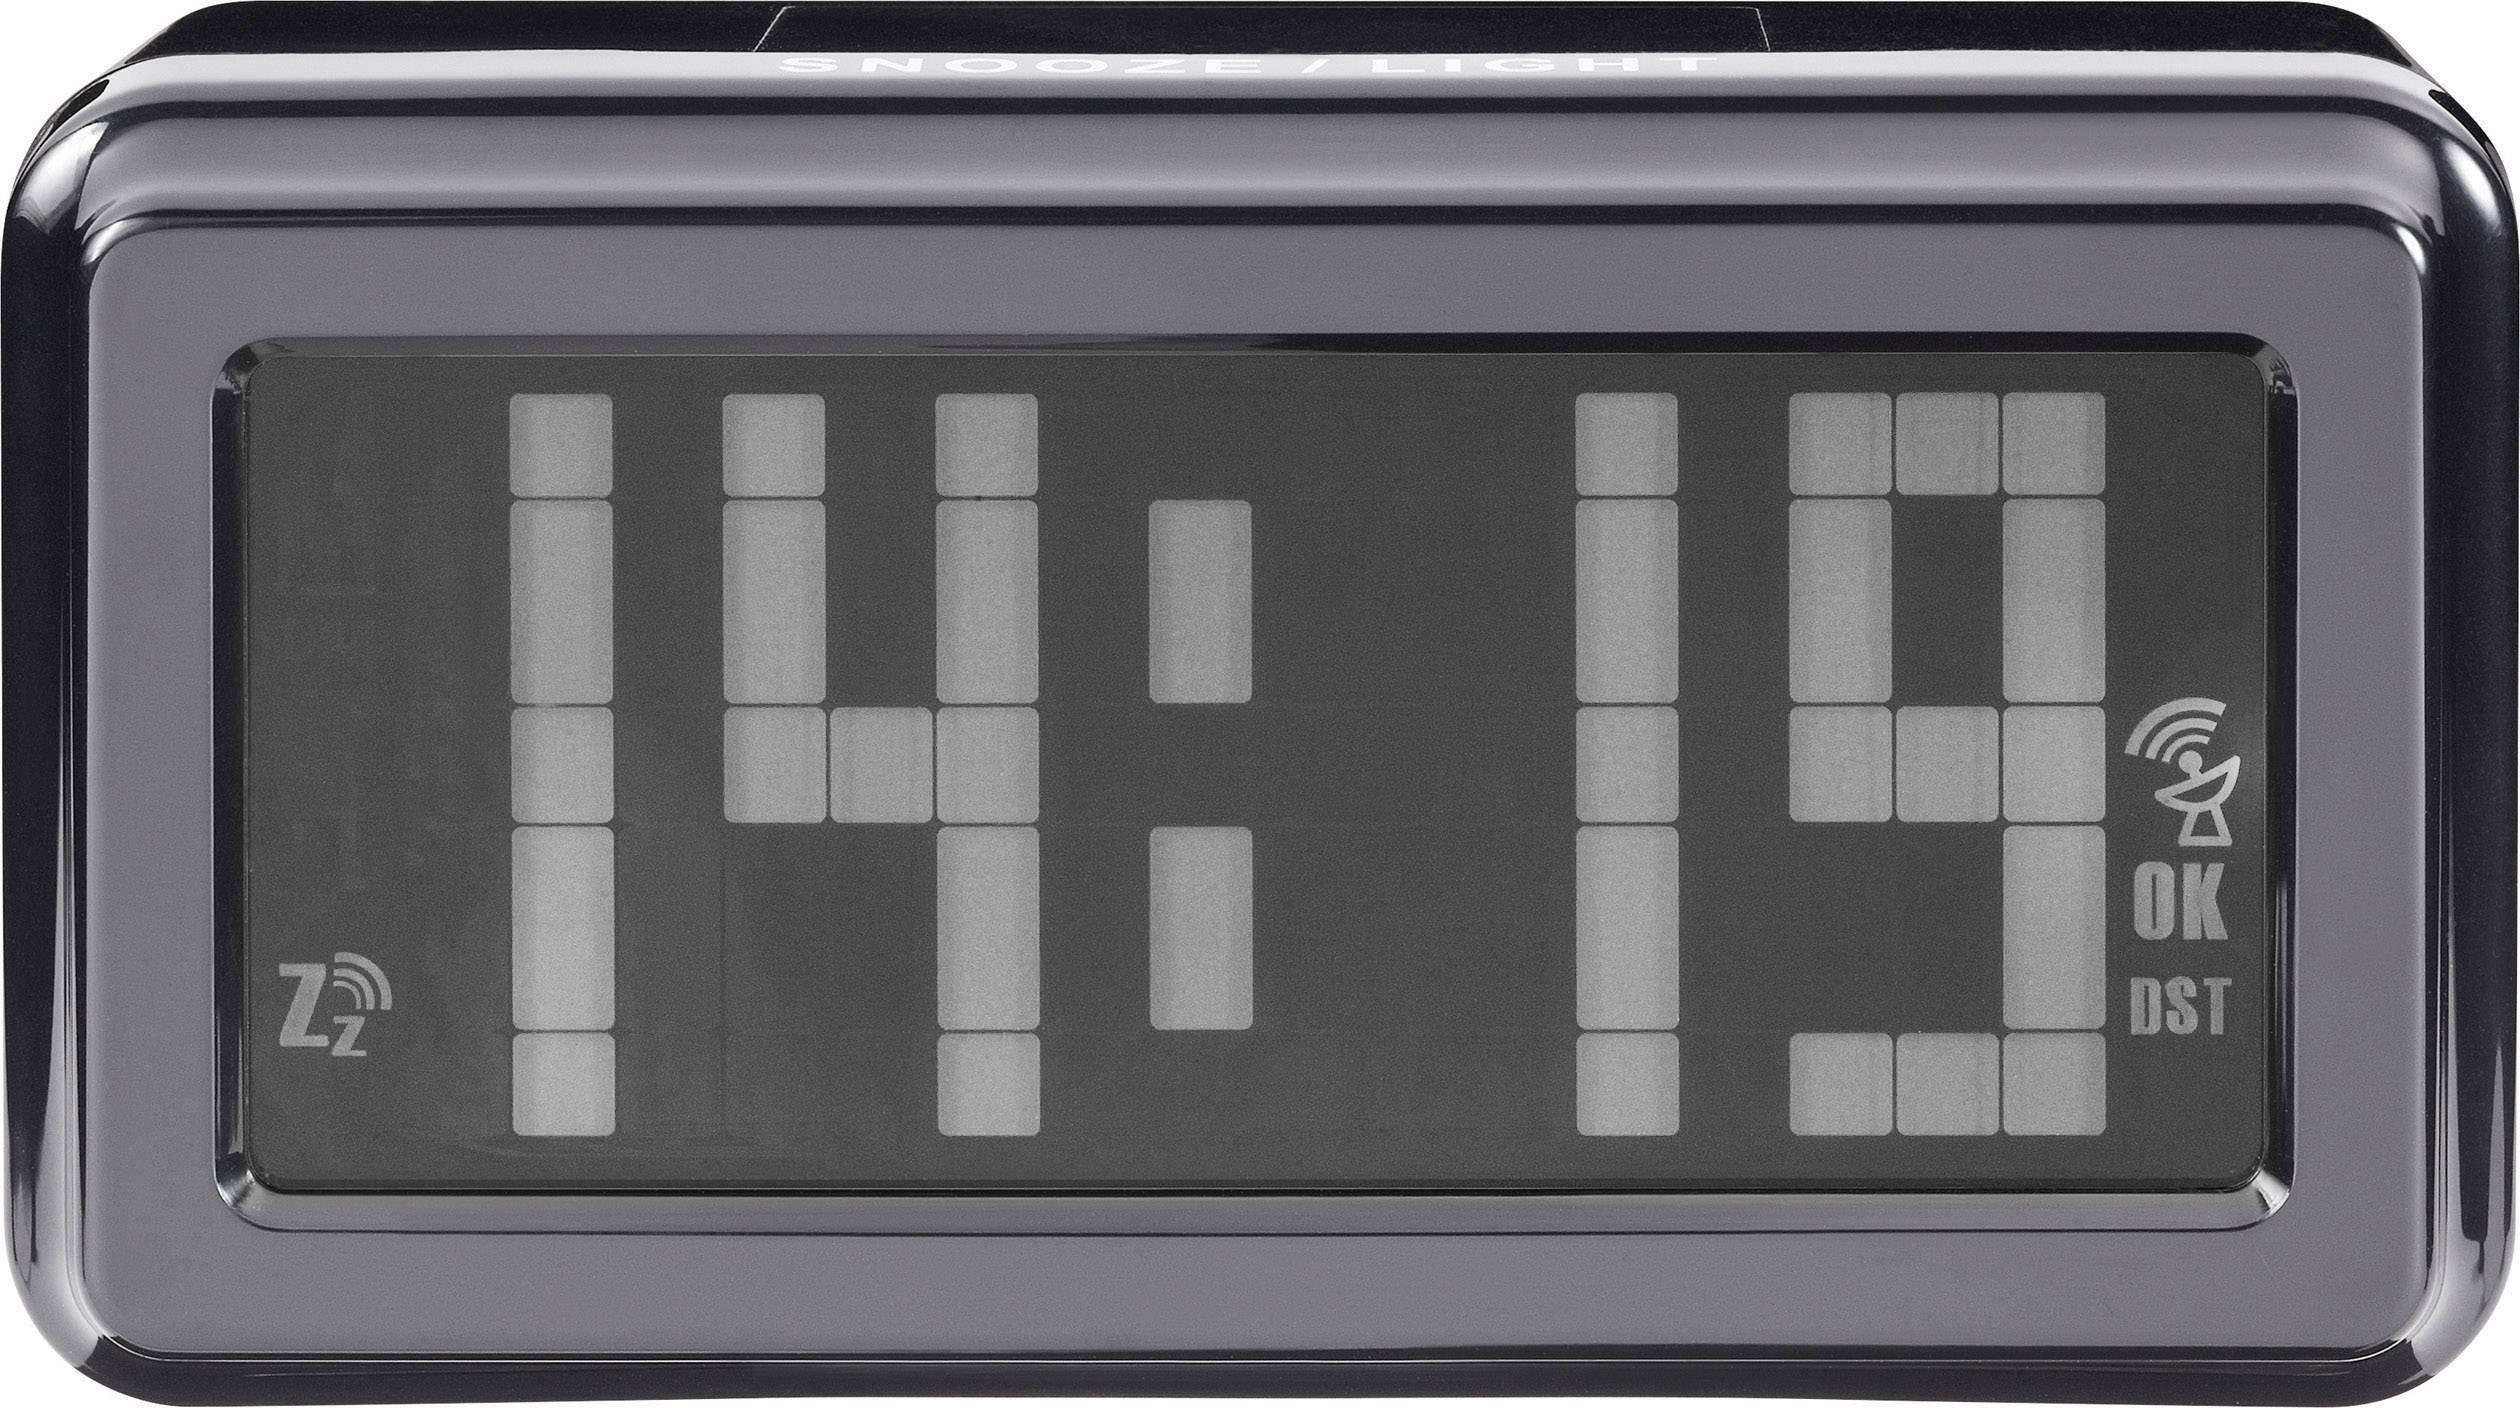 DCF budík Renkforce Radio budilica s matričnim ekranom 39AE, časov budenia 1, čierna, antracitová